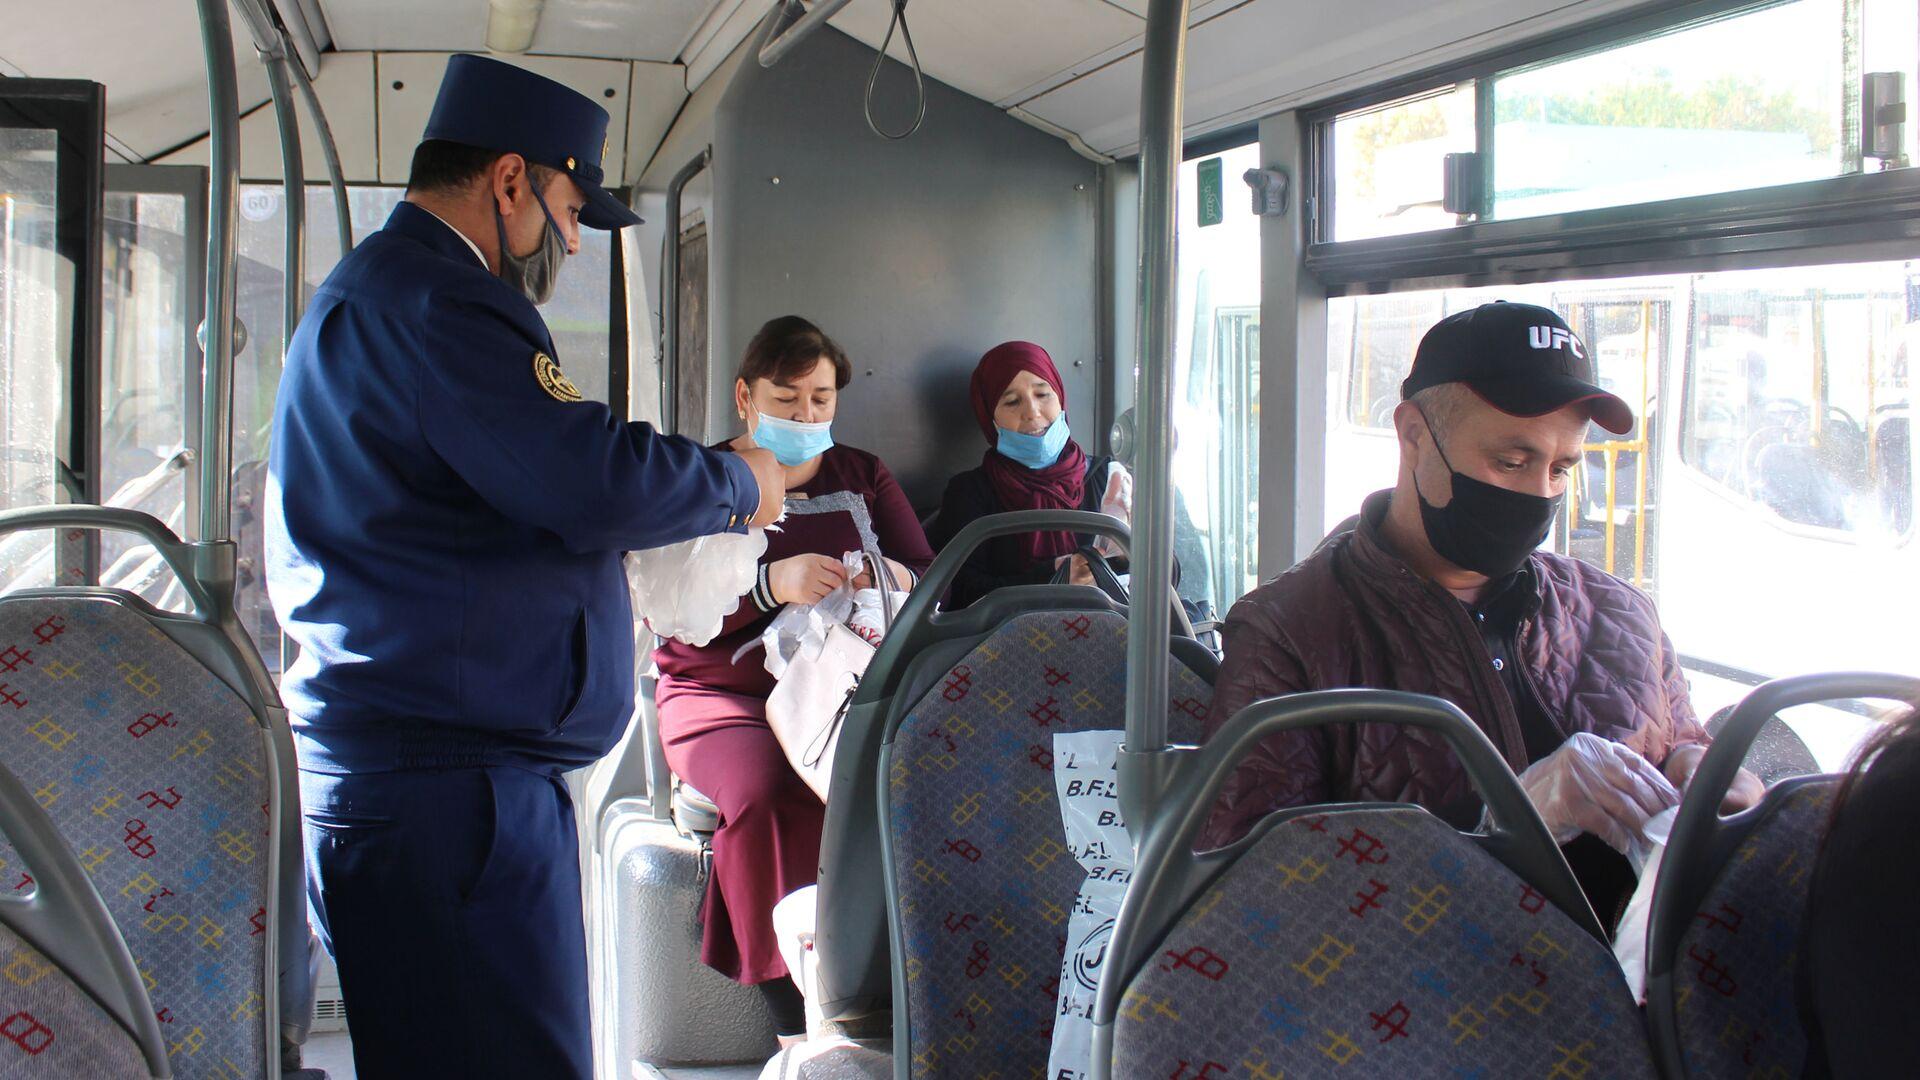 Пассажирам выдают перчатки в общественном транспорте Ташкента - Sputnik Ўзбекистон, 1920, 22.03.2021